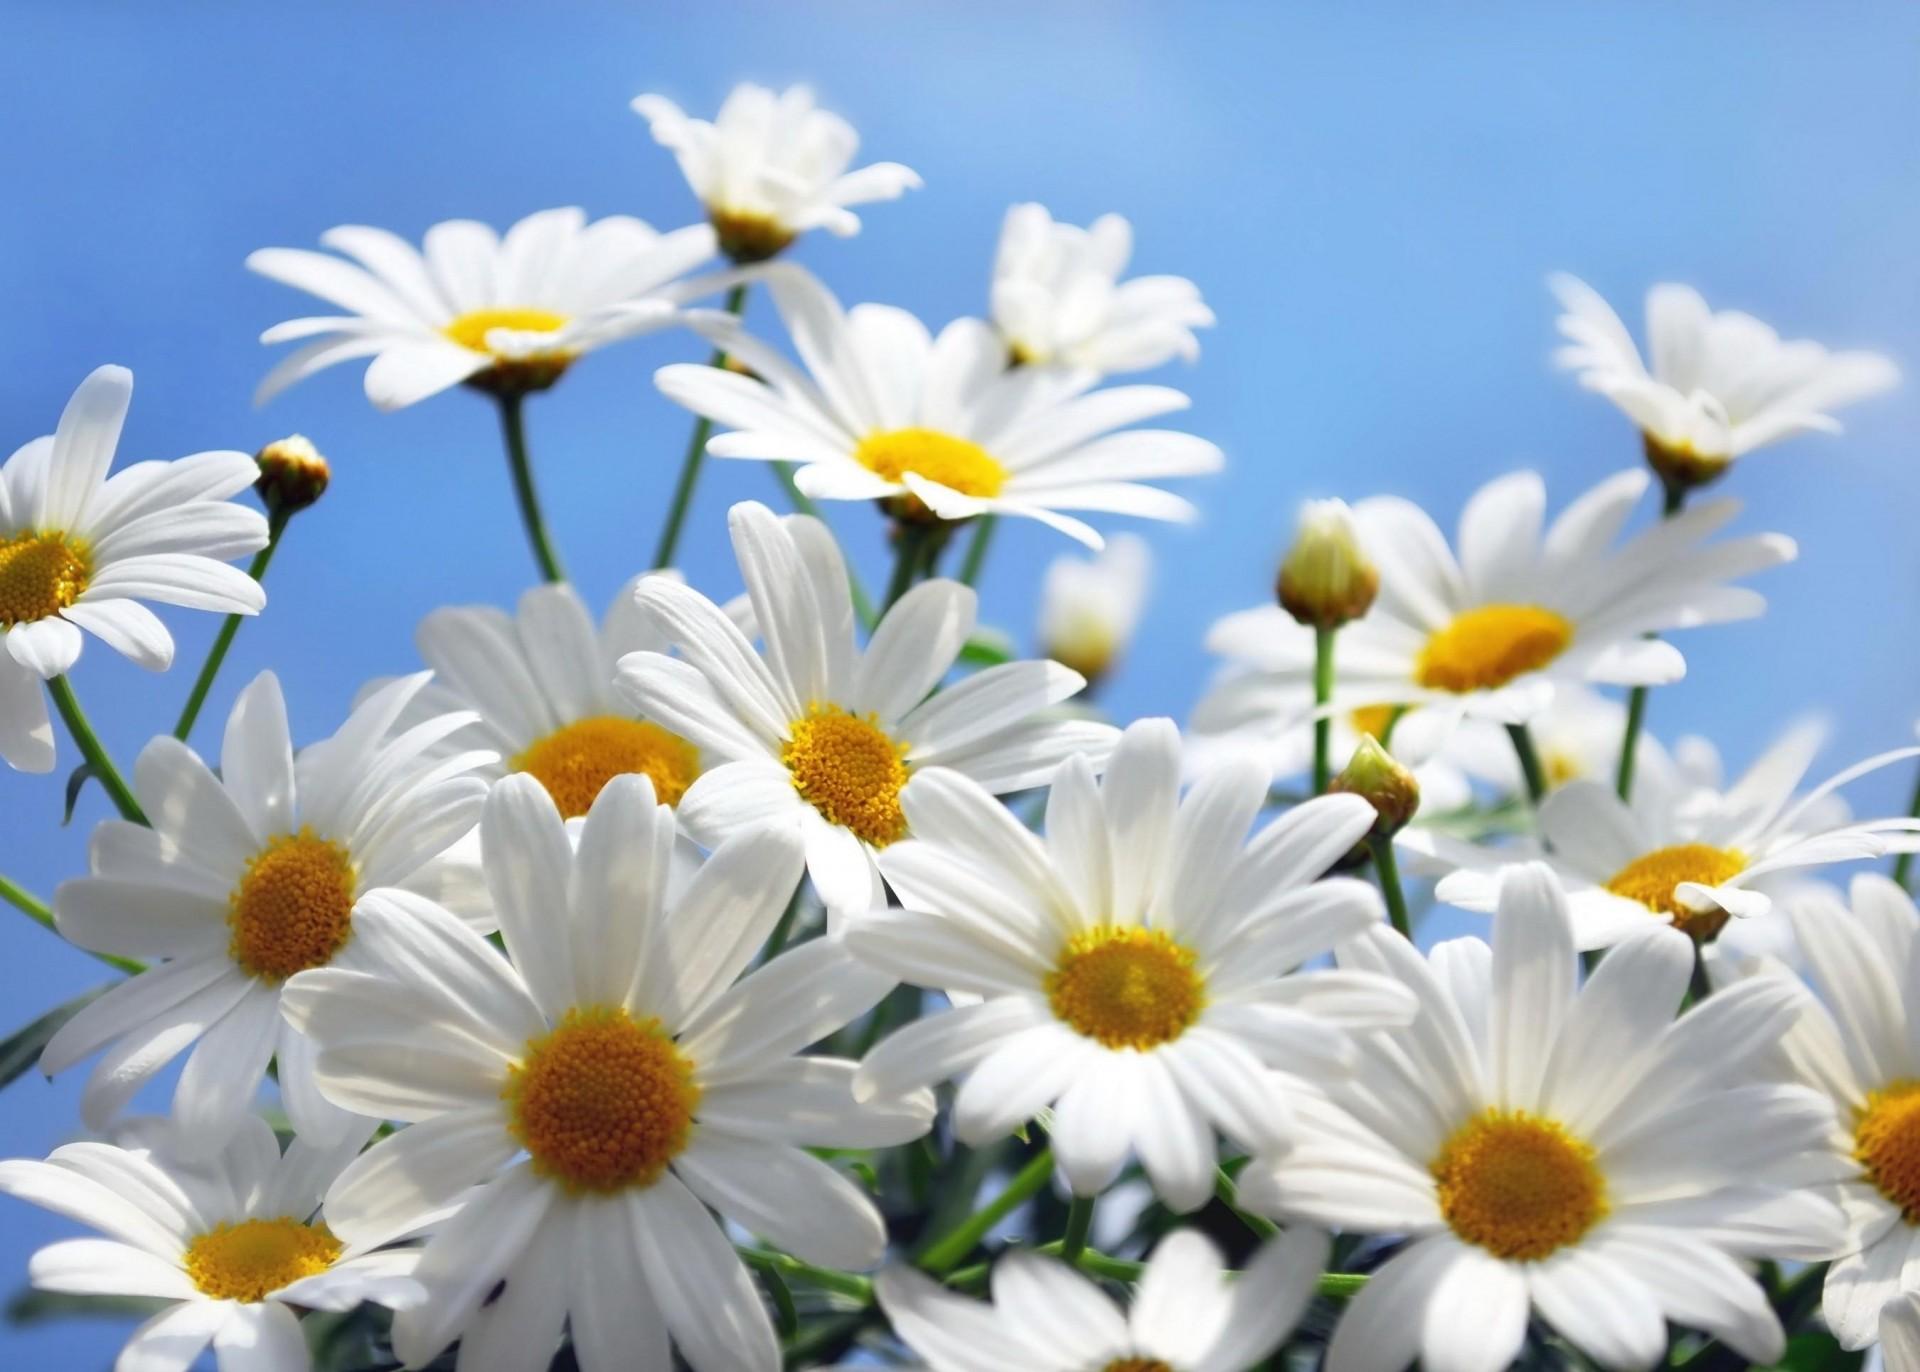 обои на телефон летние цветы солис яркая